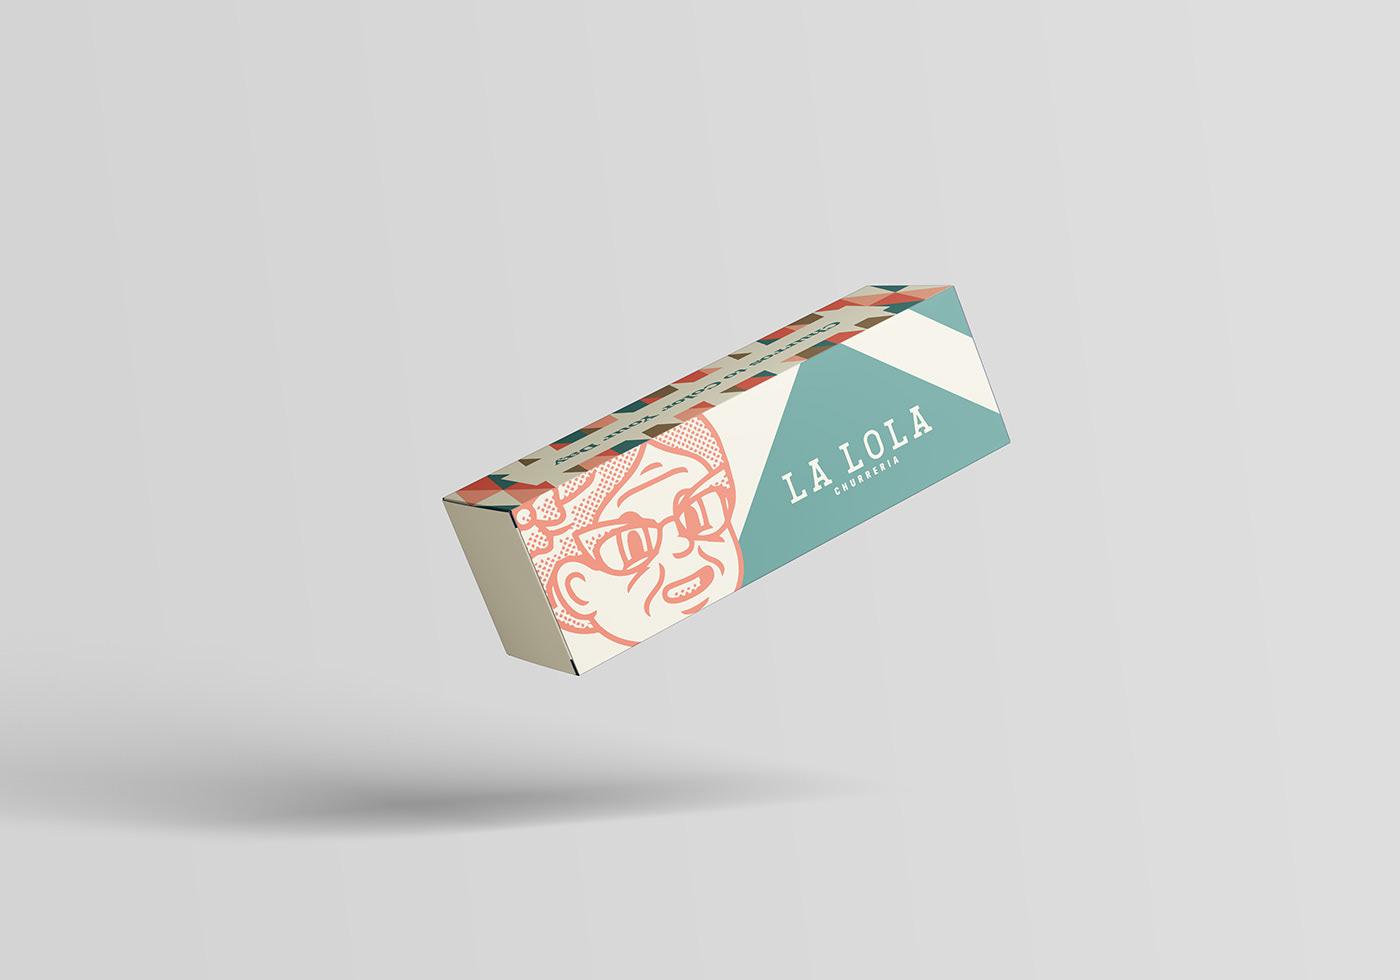 La Lola Pack Packaging